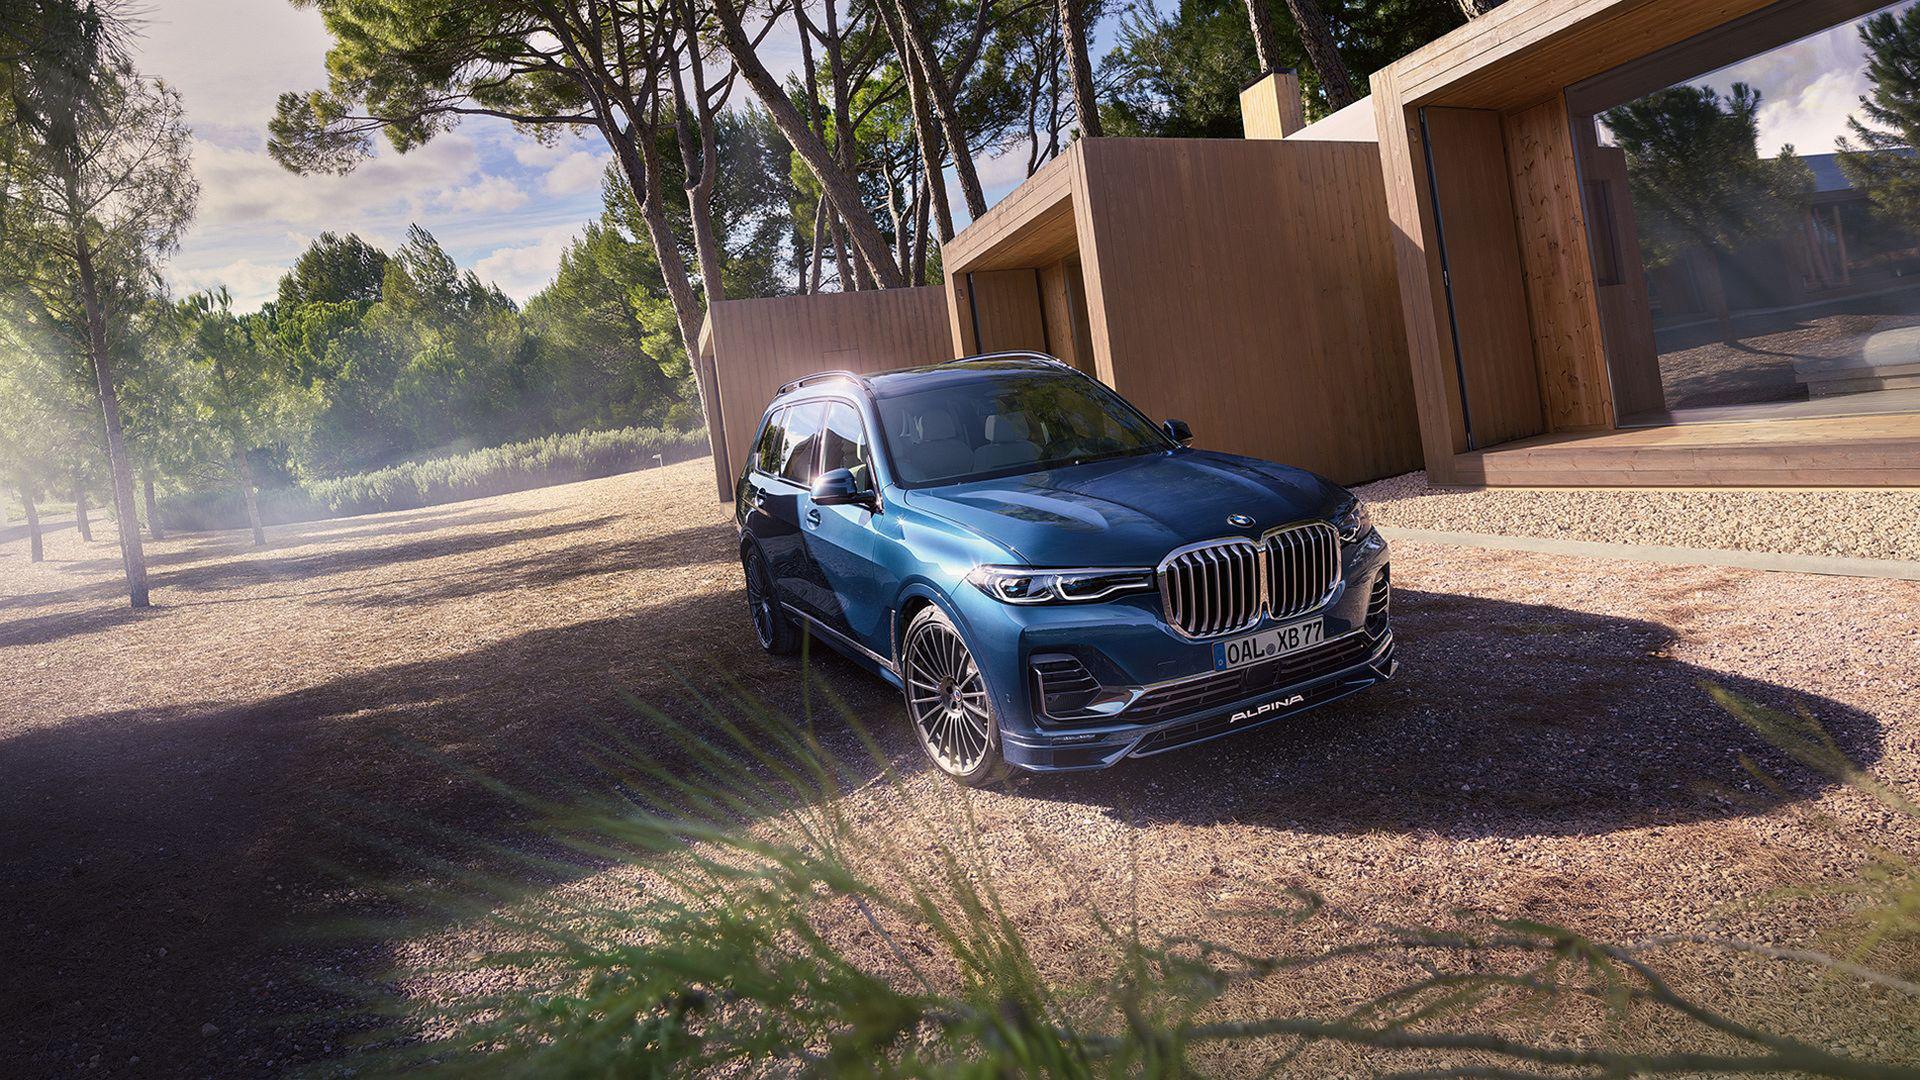 Alpina har nu förädlat BMW X7